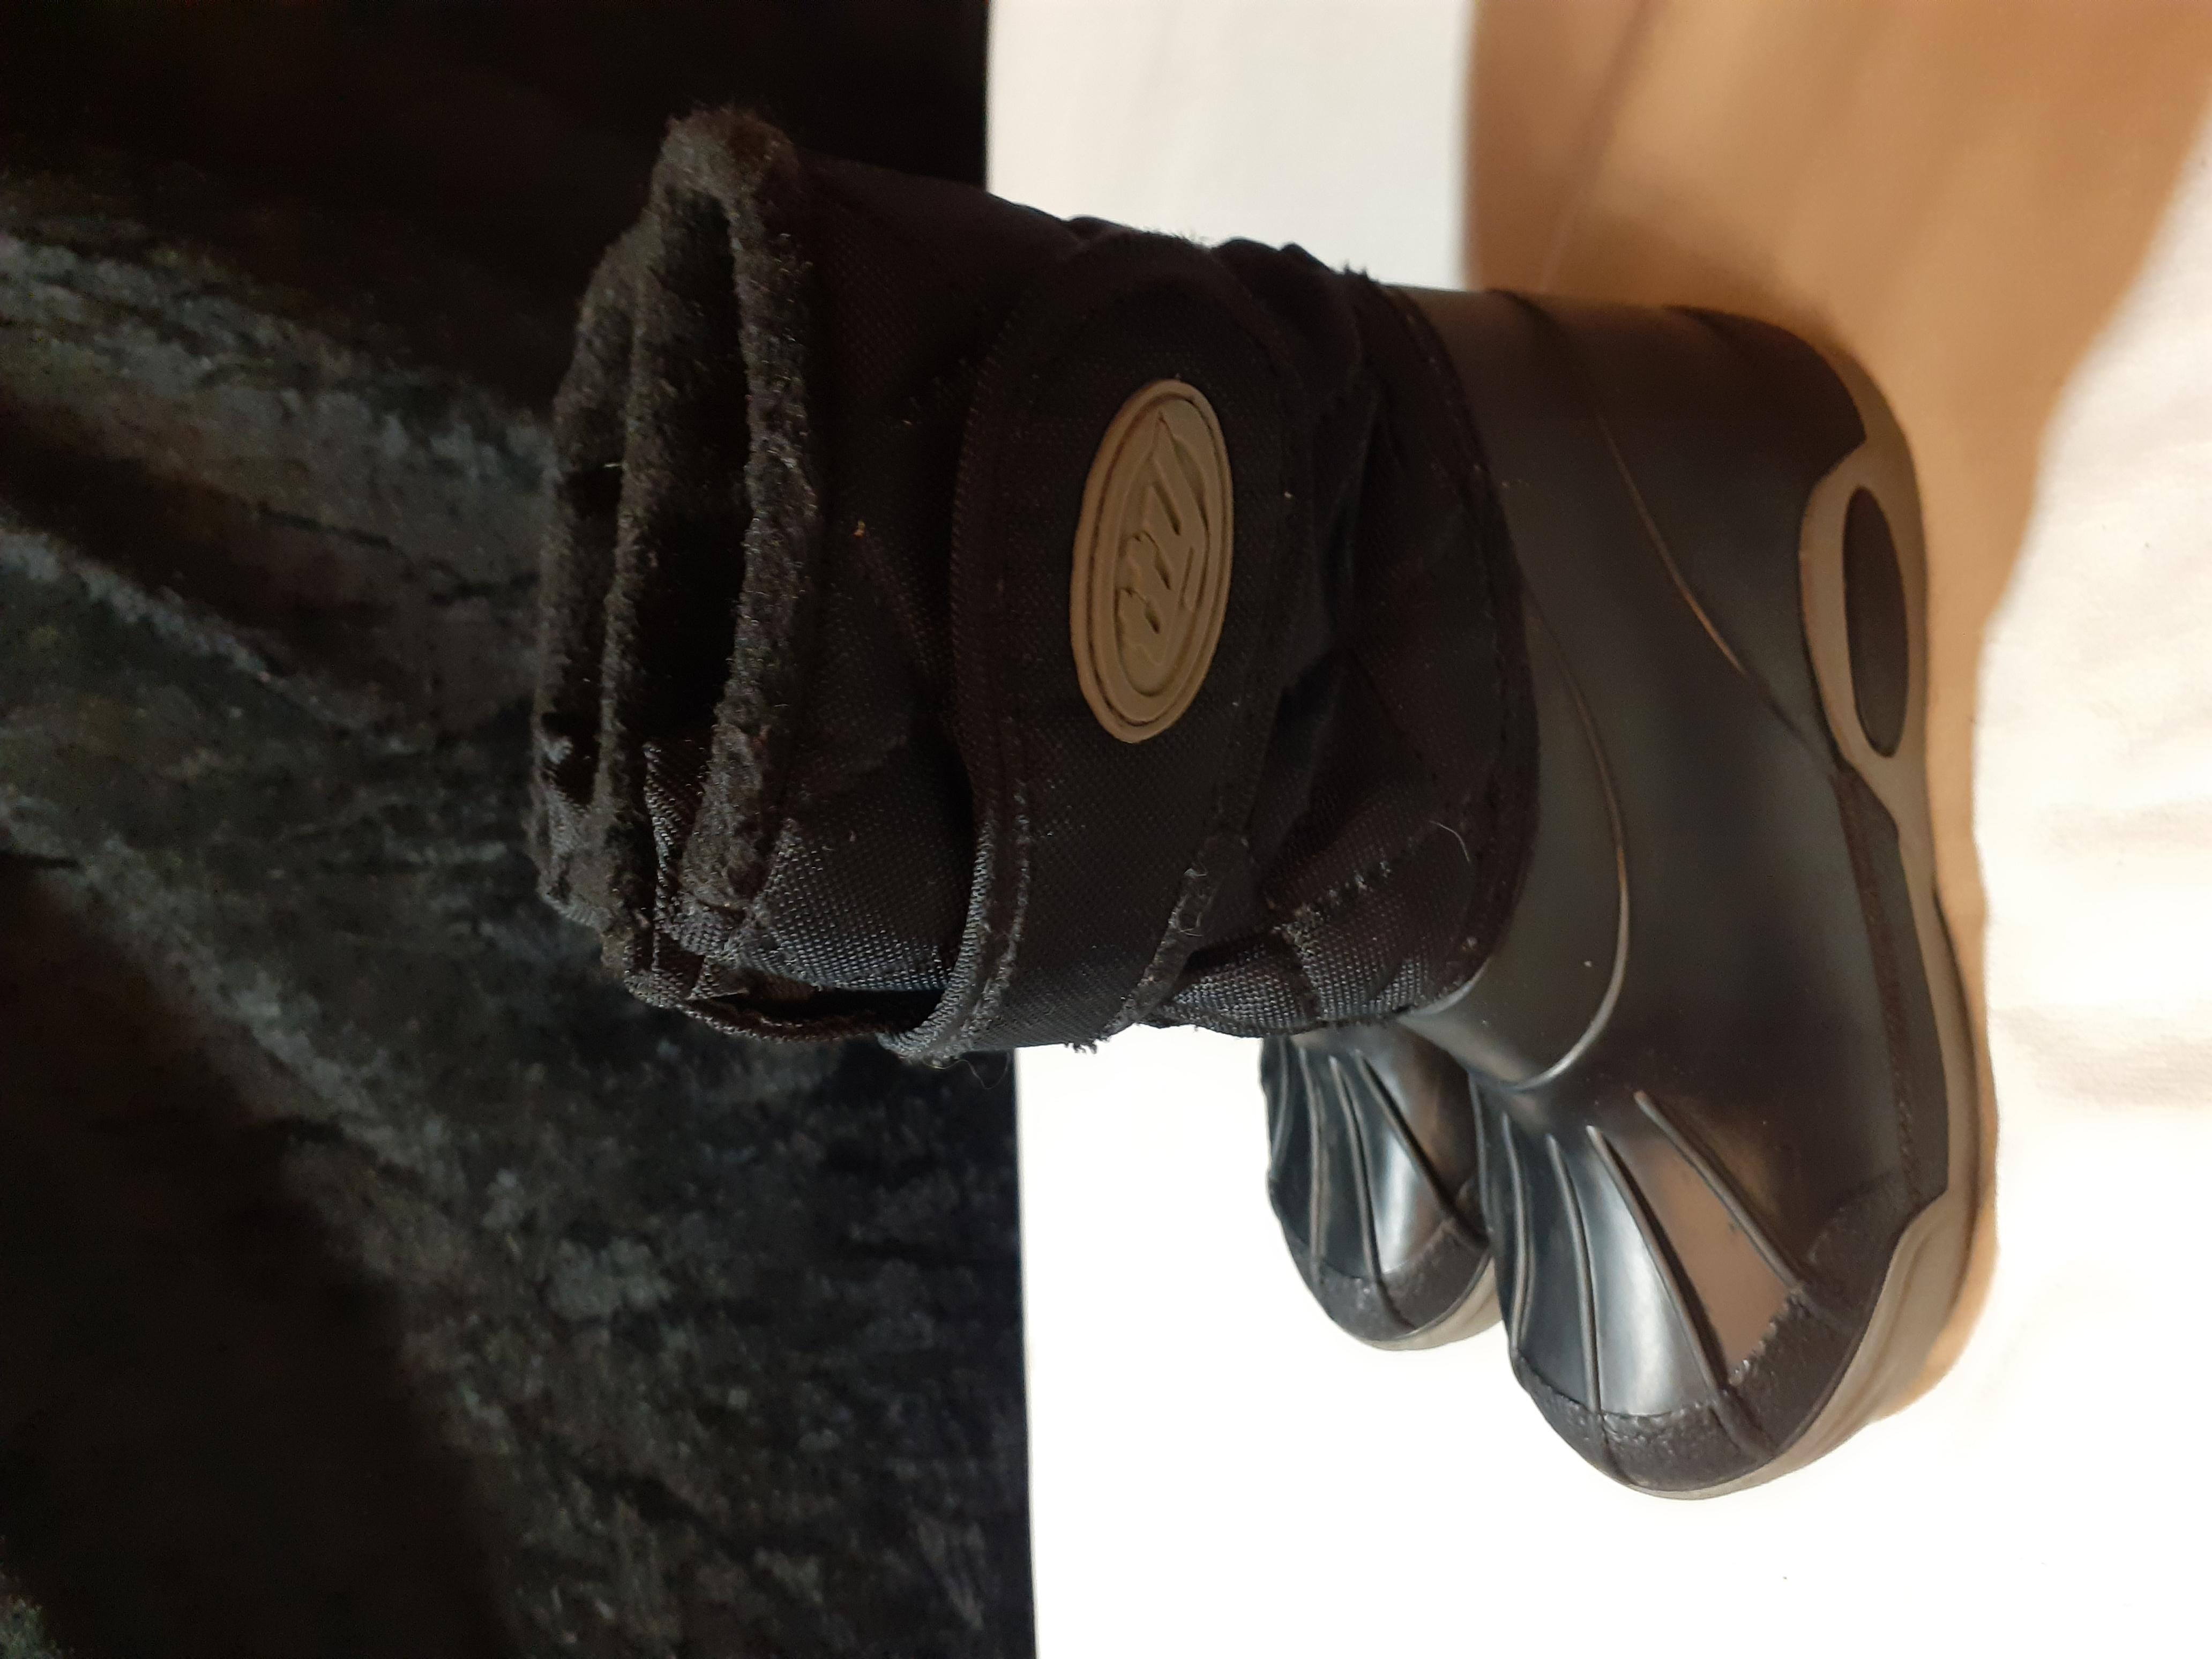 Утепленные сапоги-сноубутсы Tty, ориг. Испания, разм. 28 (17 см внутри). Сост. очень хорошее!